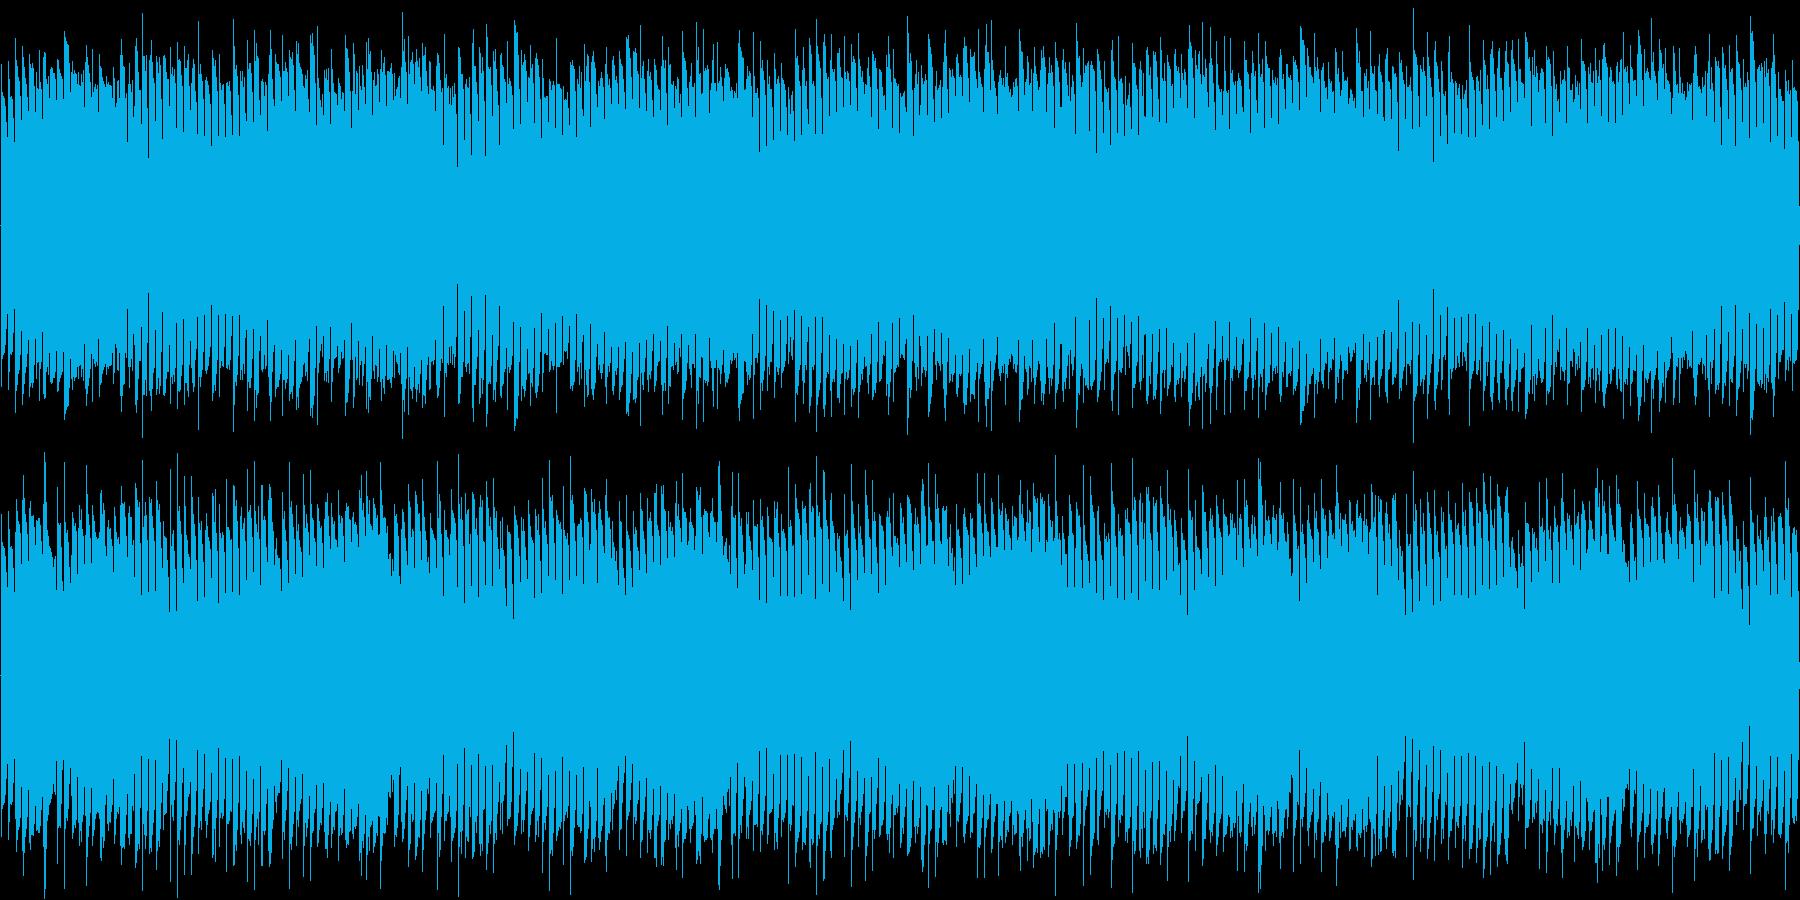 【ドラマ/捜査/緊迫したシーン】の再生済みの波形